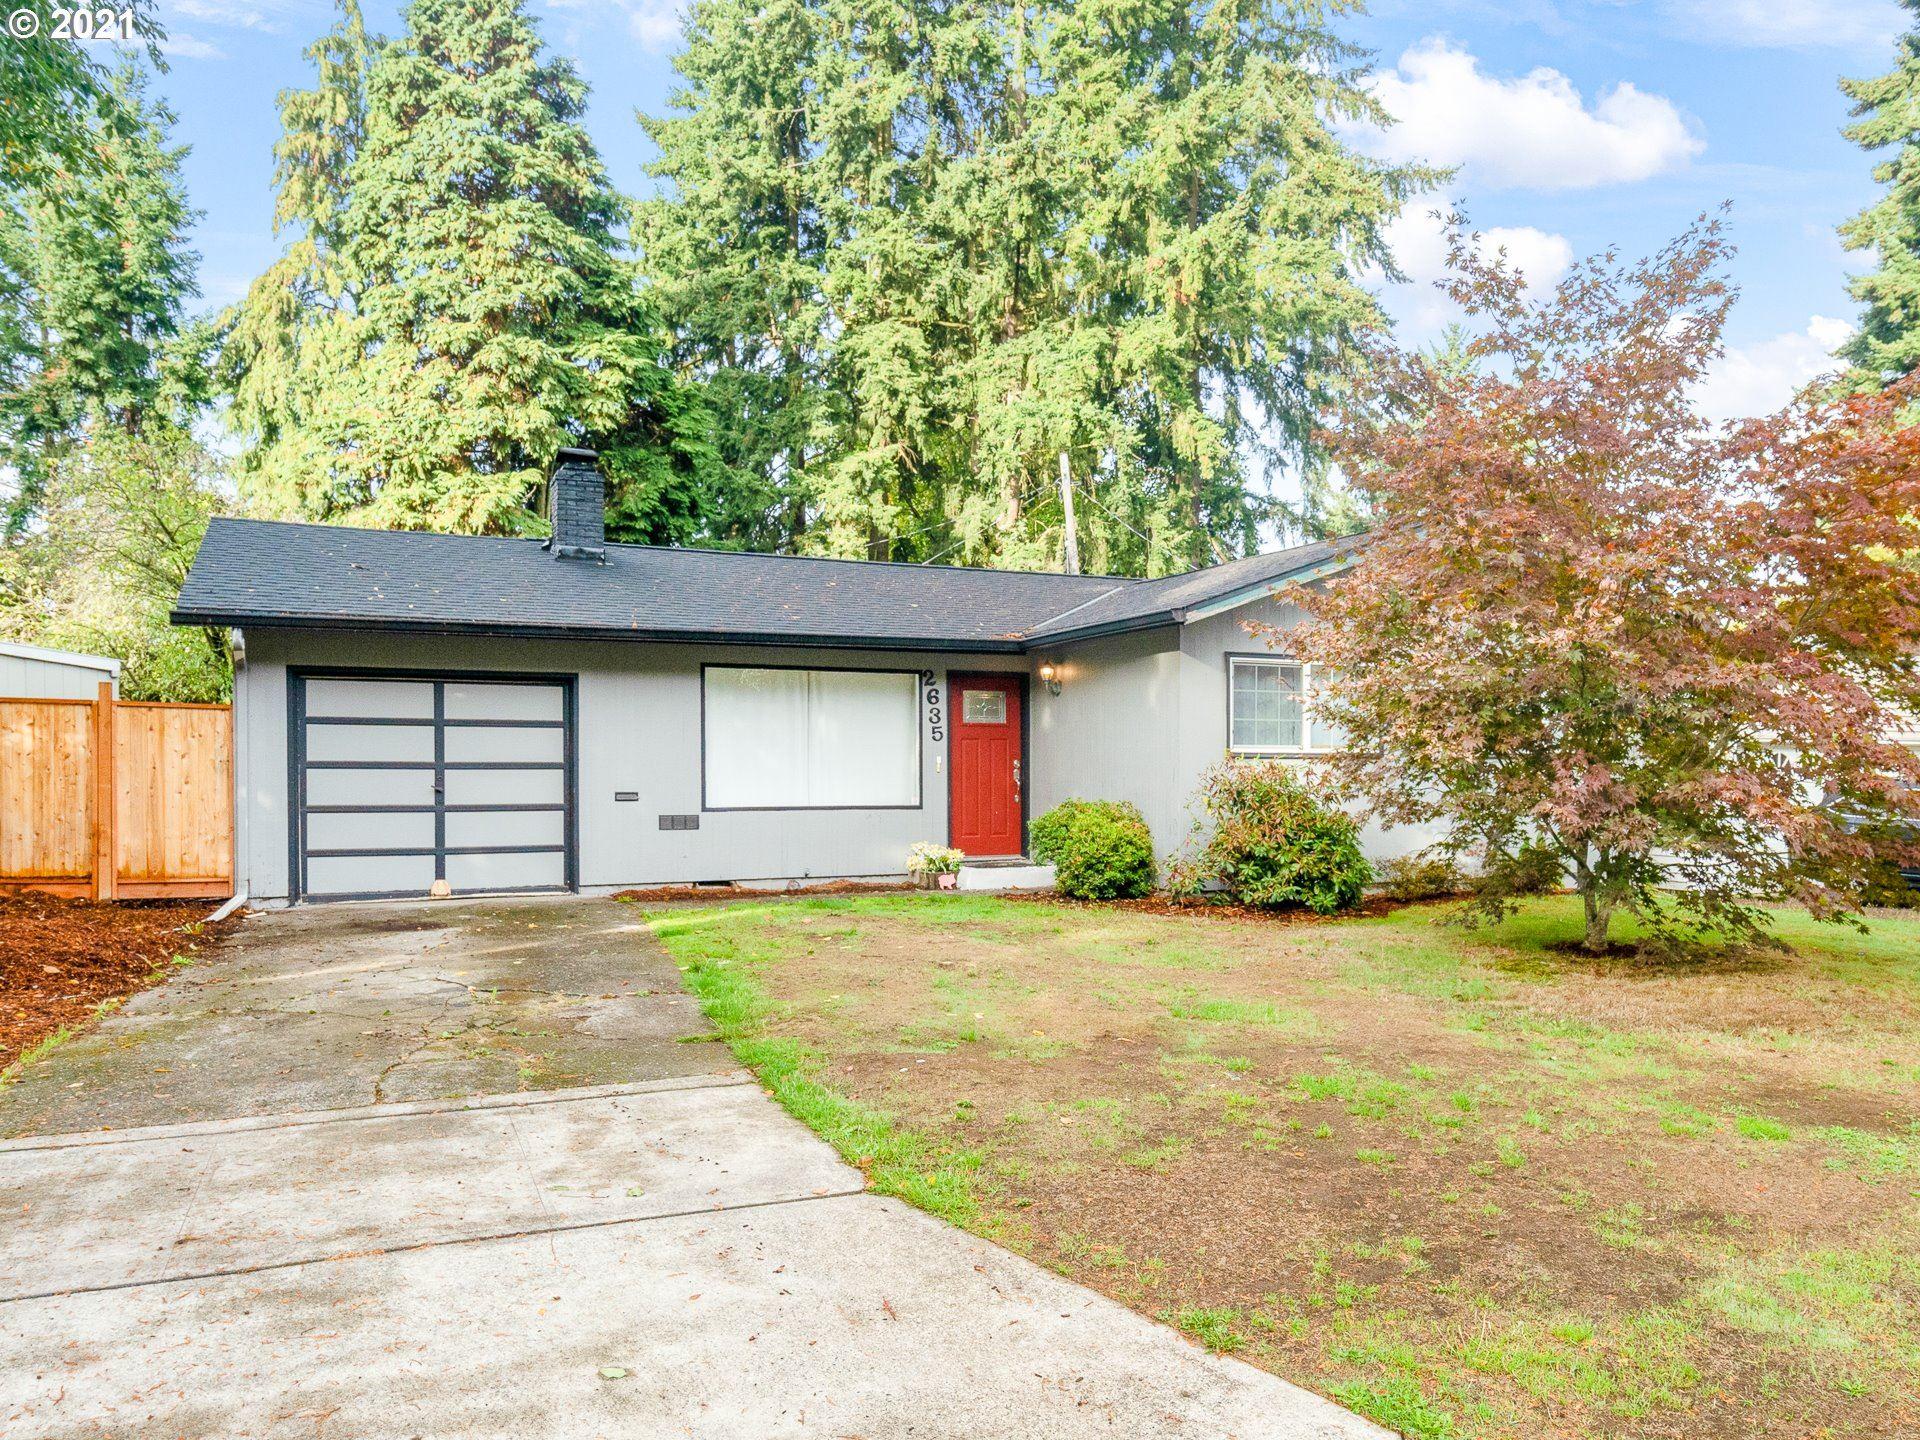 2635 NE FREMONT DR, Portland, OR 97220 - MLS#: 21630495